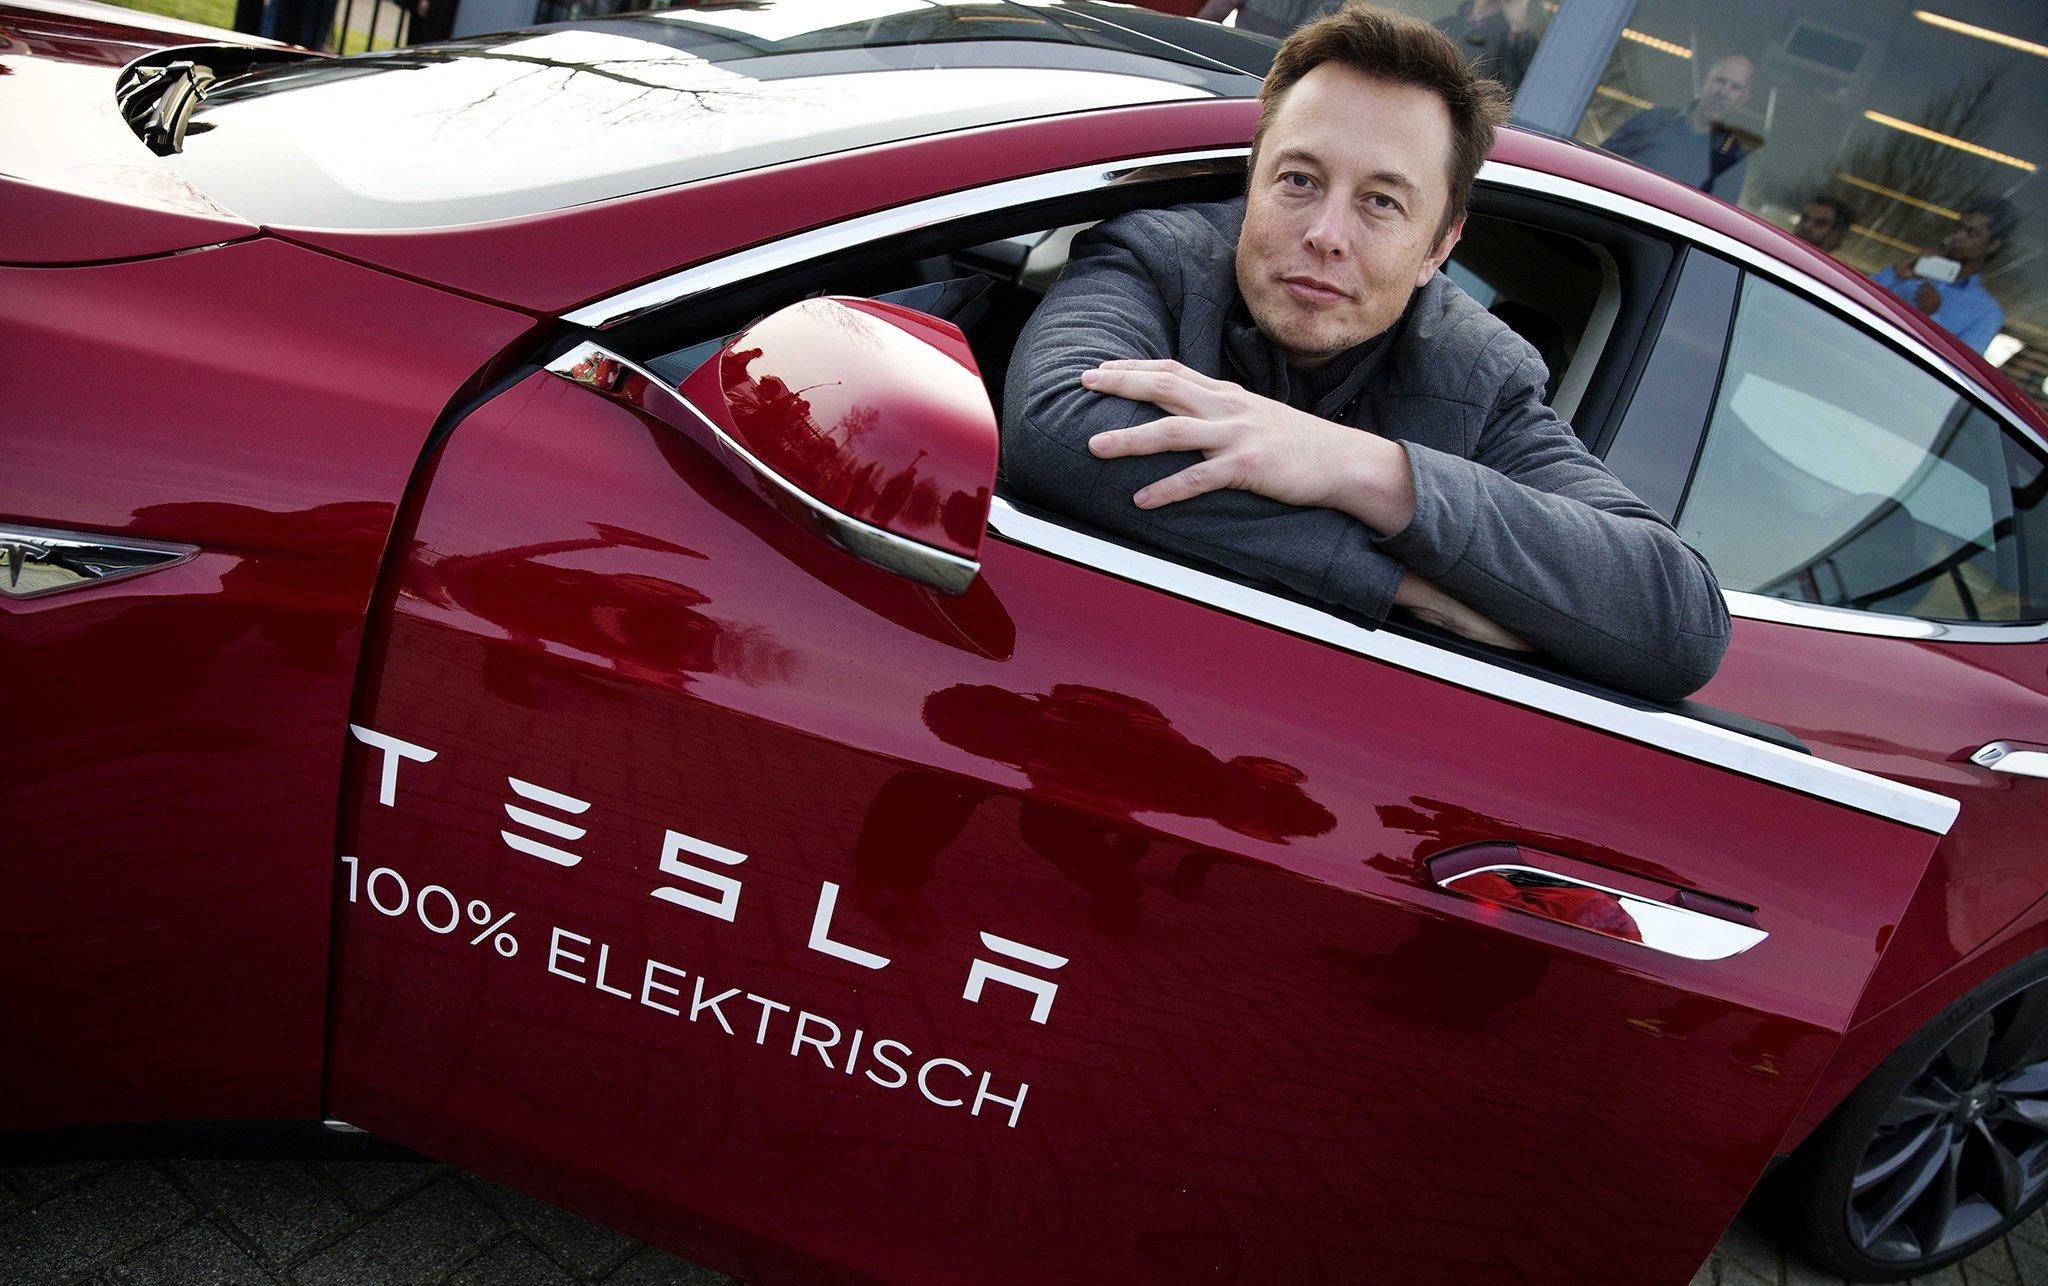 Илон Маск отказывается торговать Tesla Model 3 собственной матери без очереди